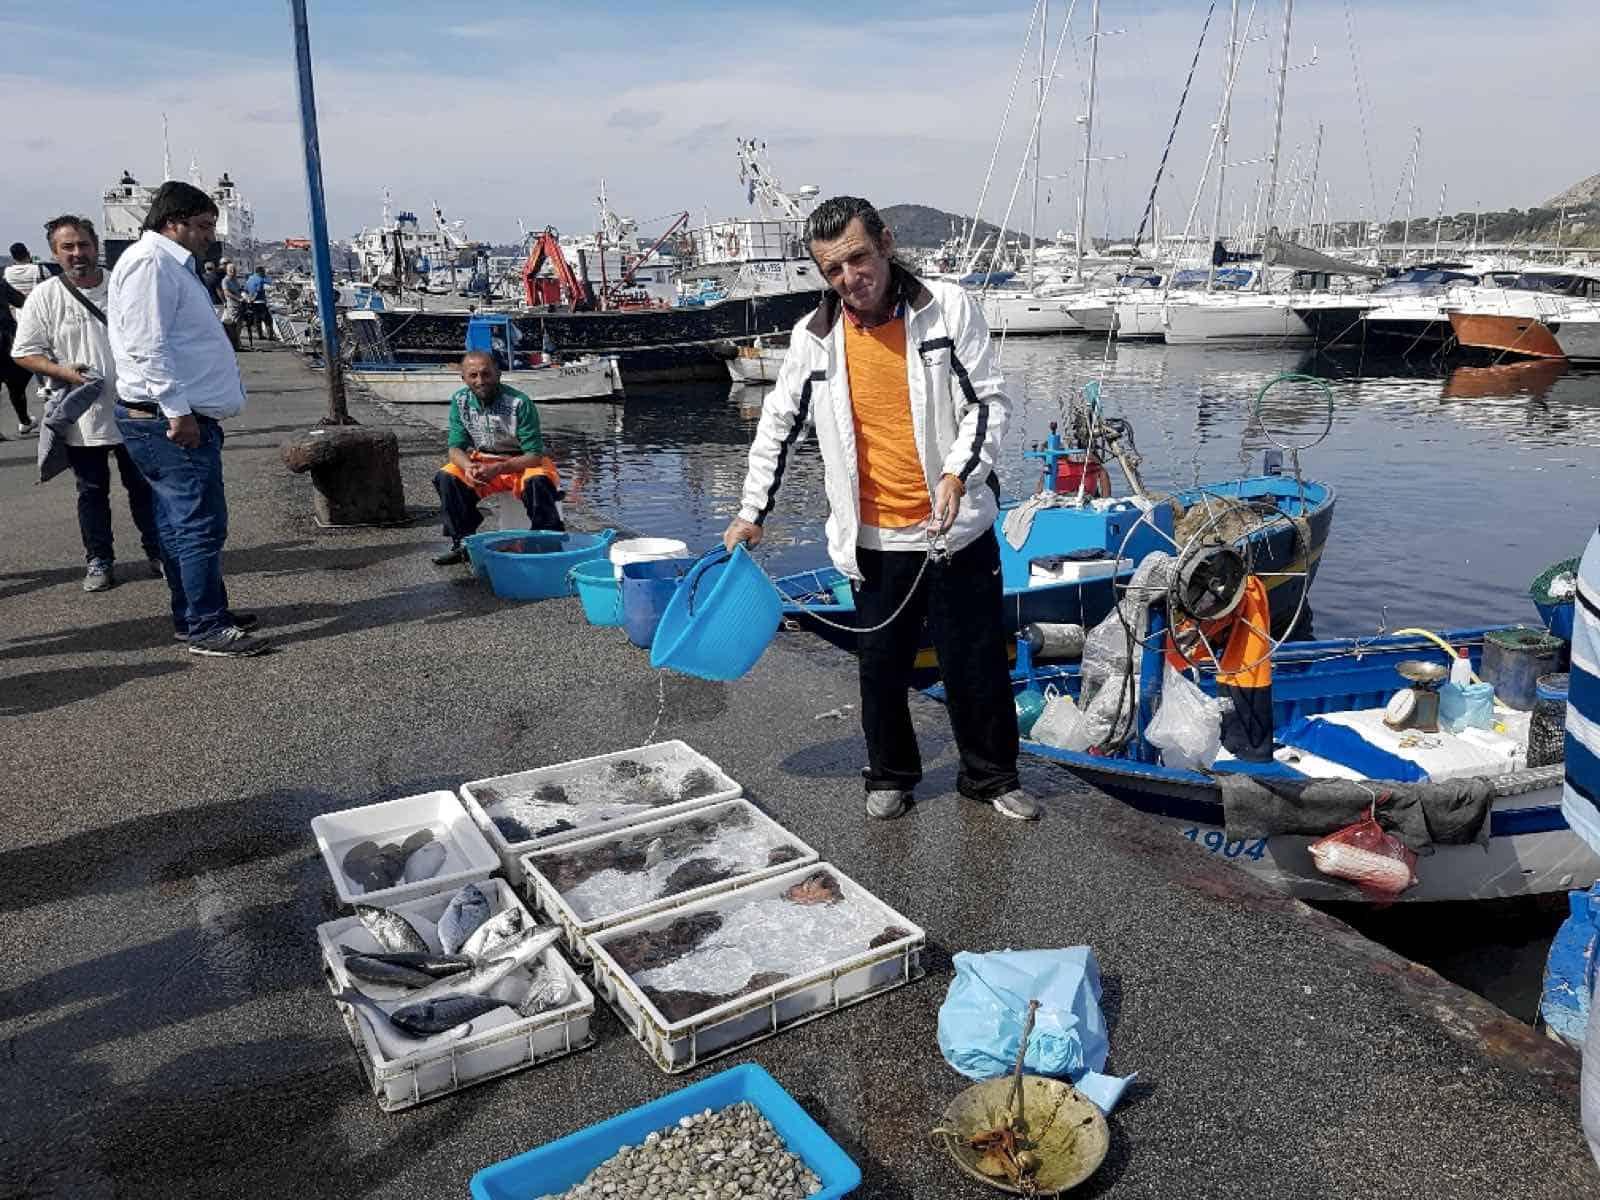 Beboerne ved Pozzuoli lever af fiskeri og handel.